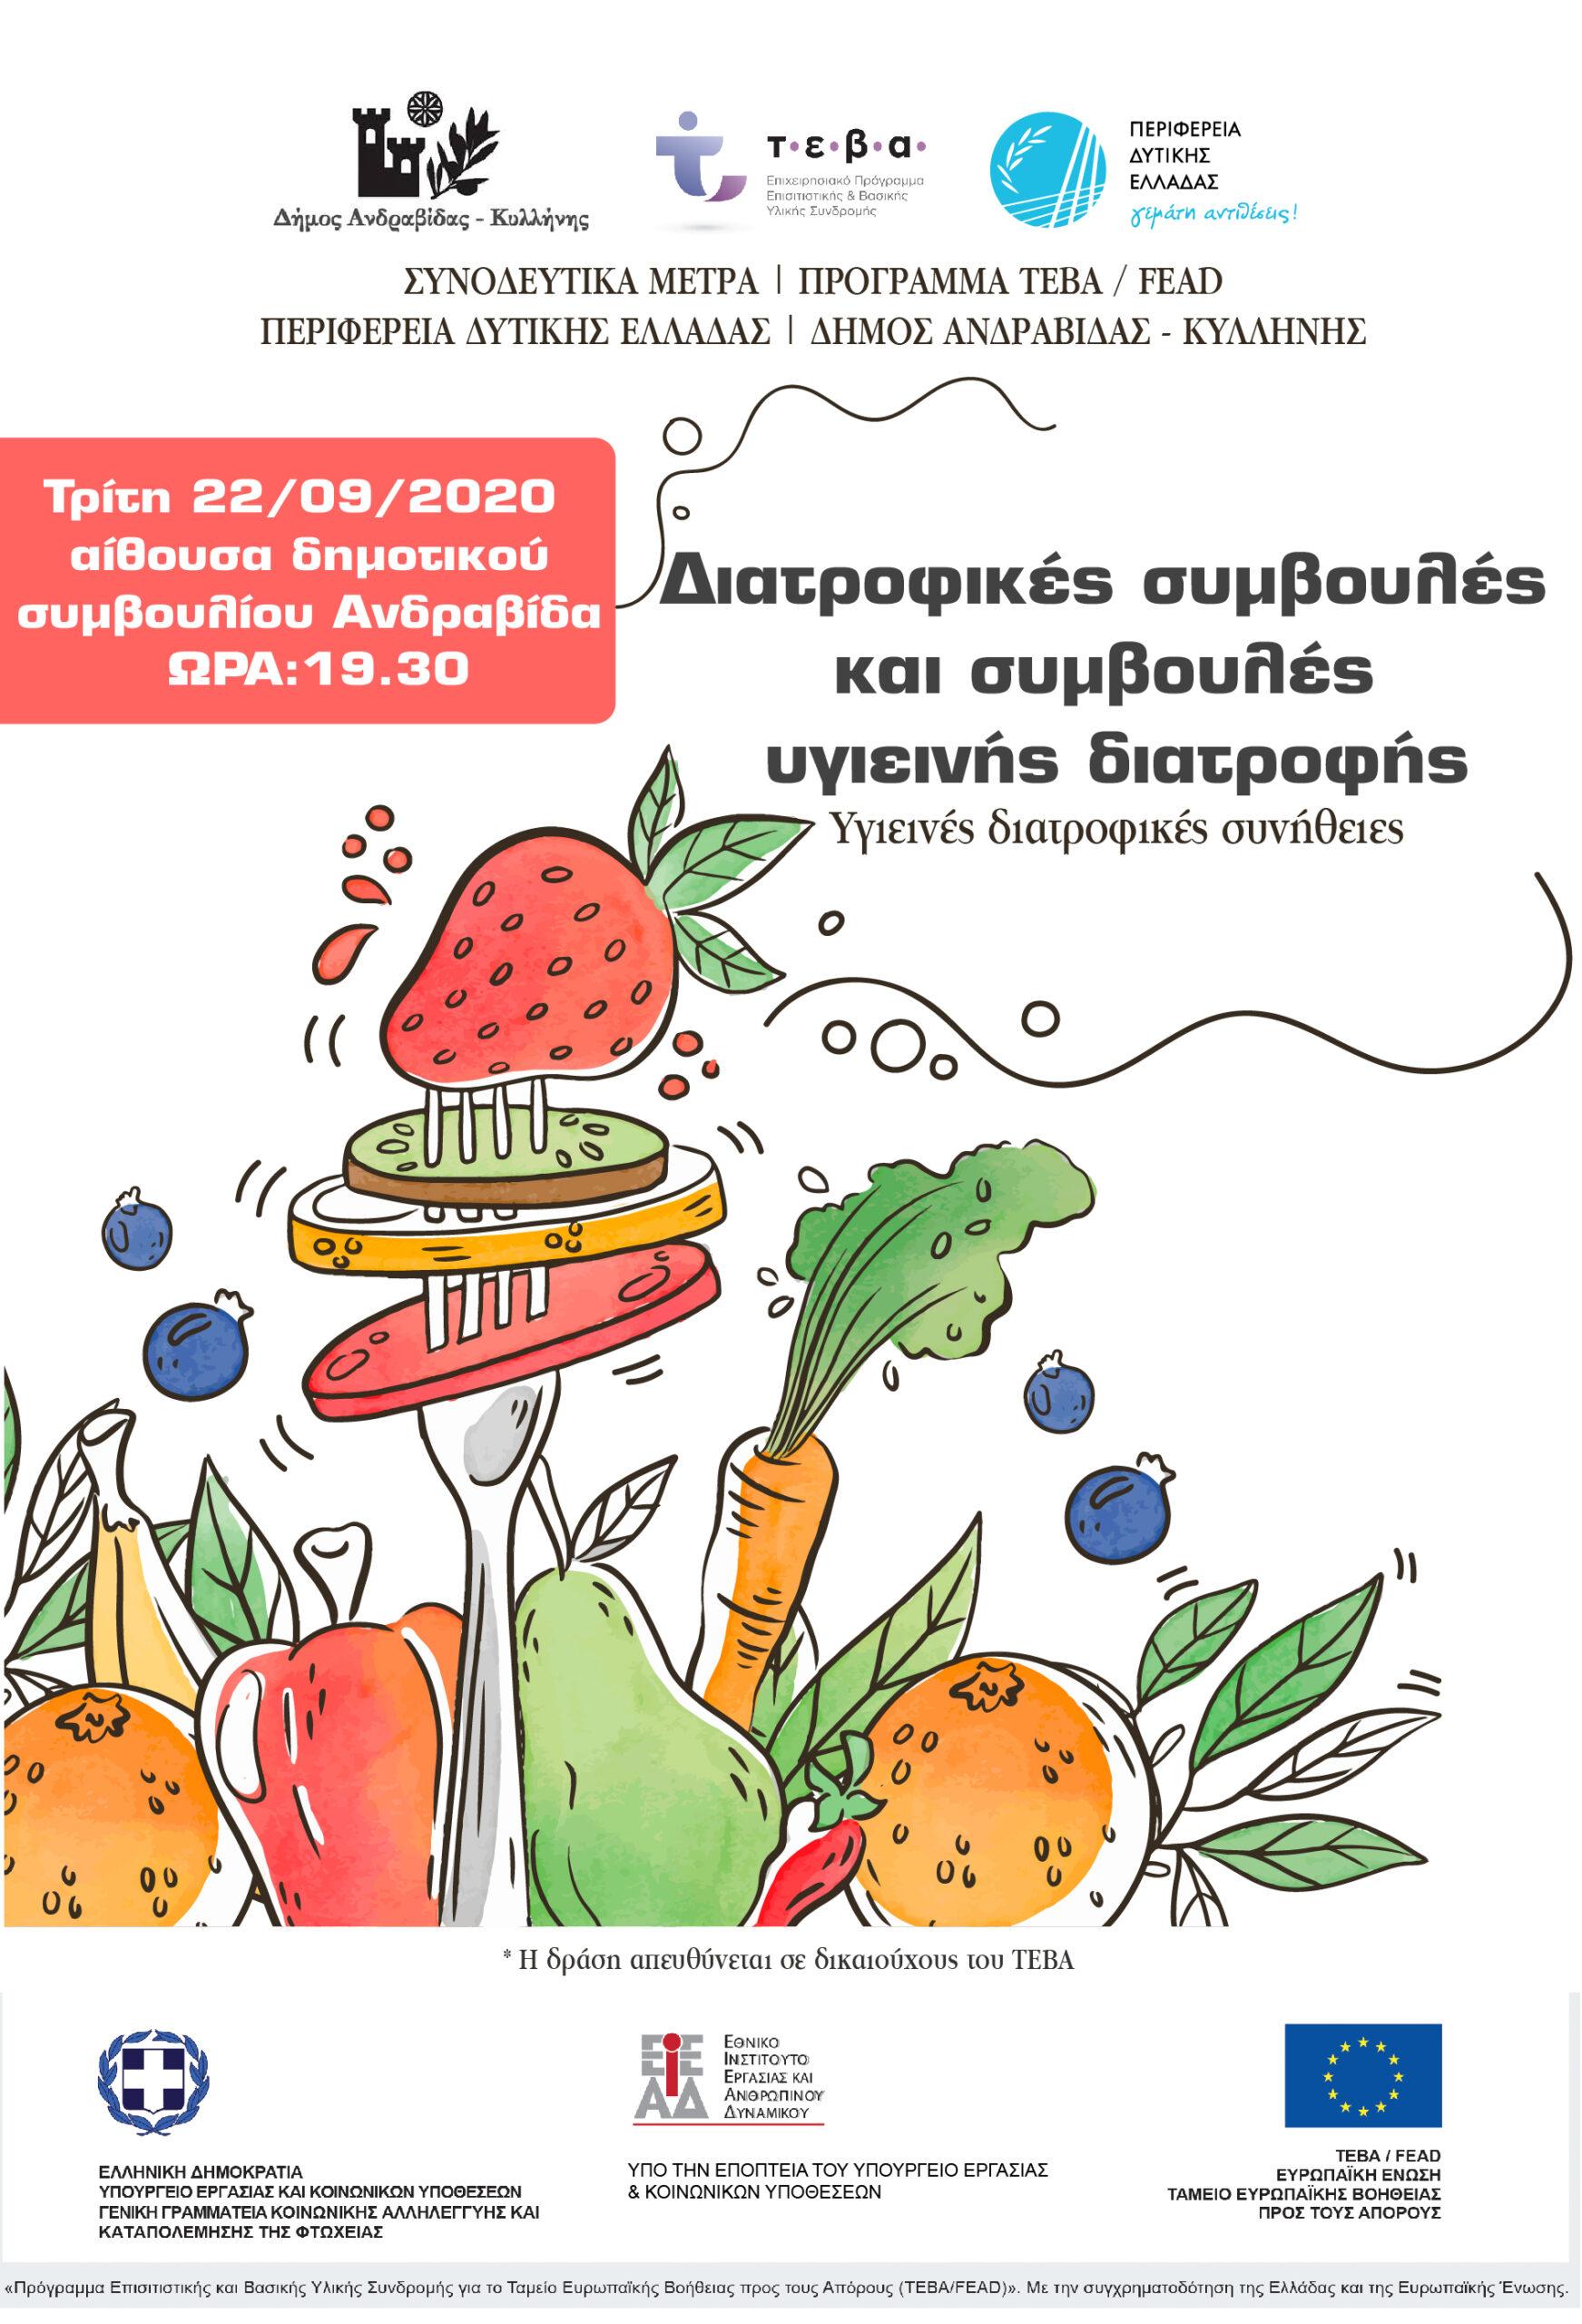 Δήμος Ανδραβίδας-Κυλλήνης: Συνοδευτικό Μέτρο 3 – Διατροφικές Συμβουλές (και συμβουλές υγιεινής Διατροφής )